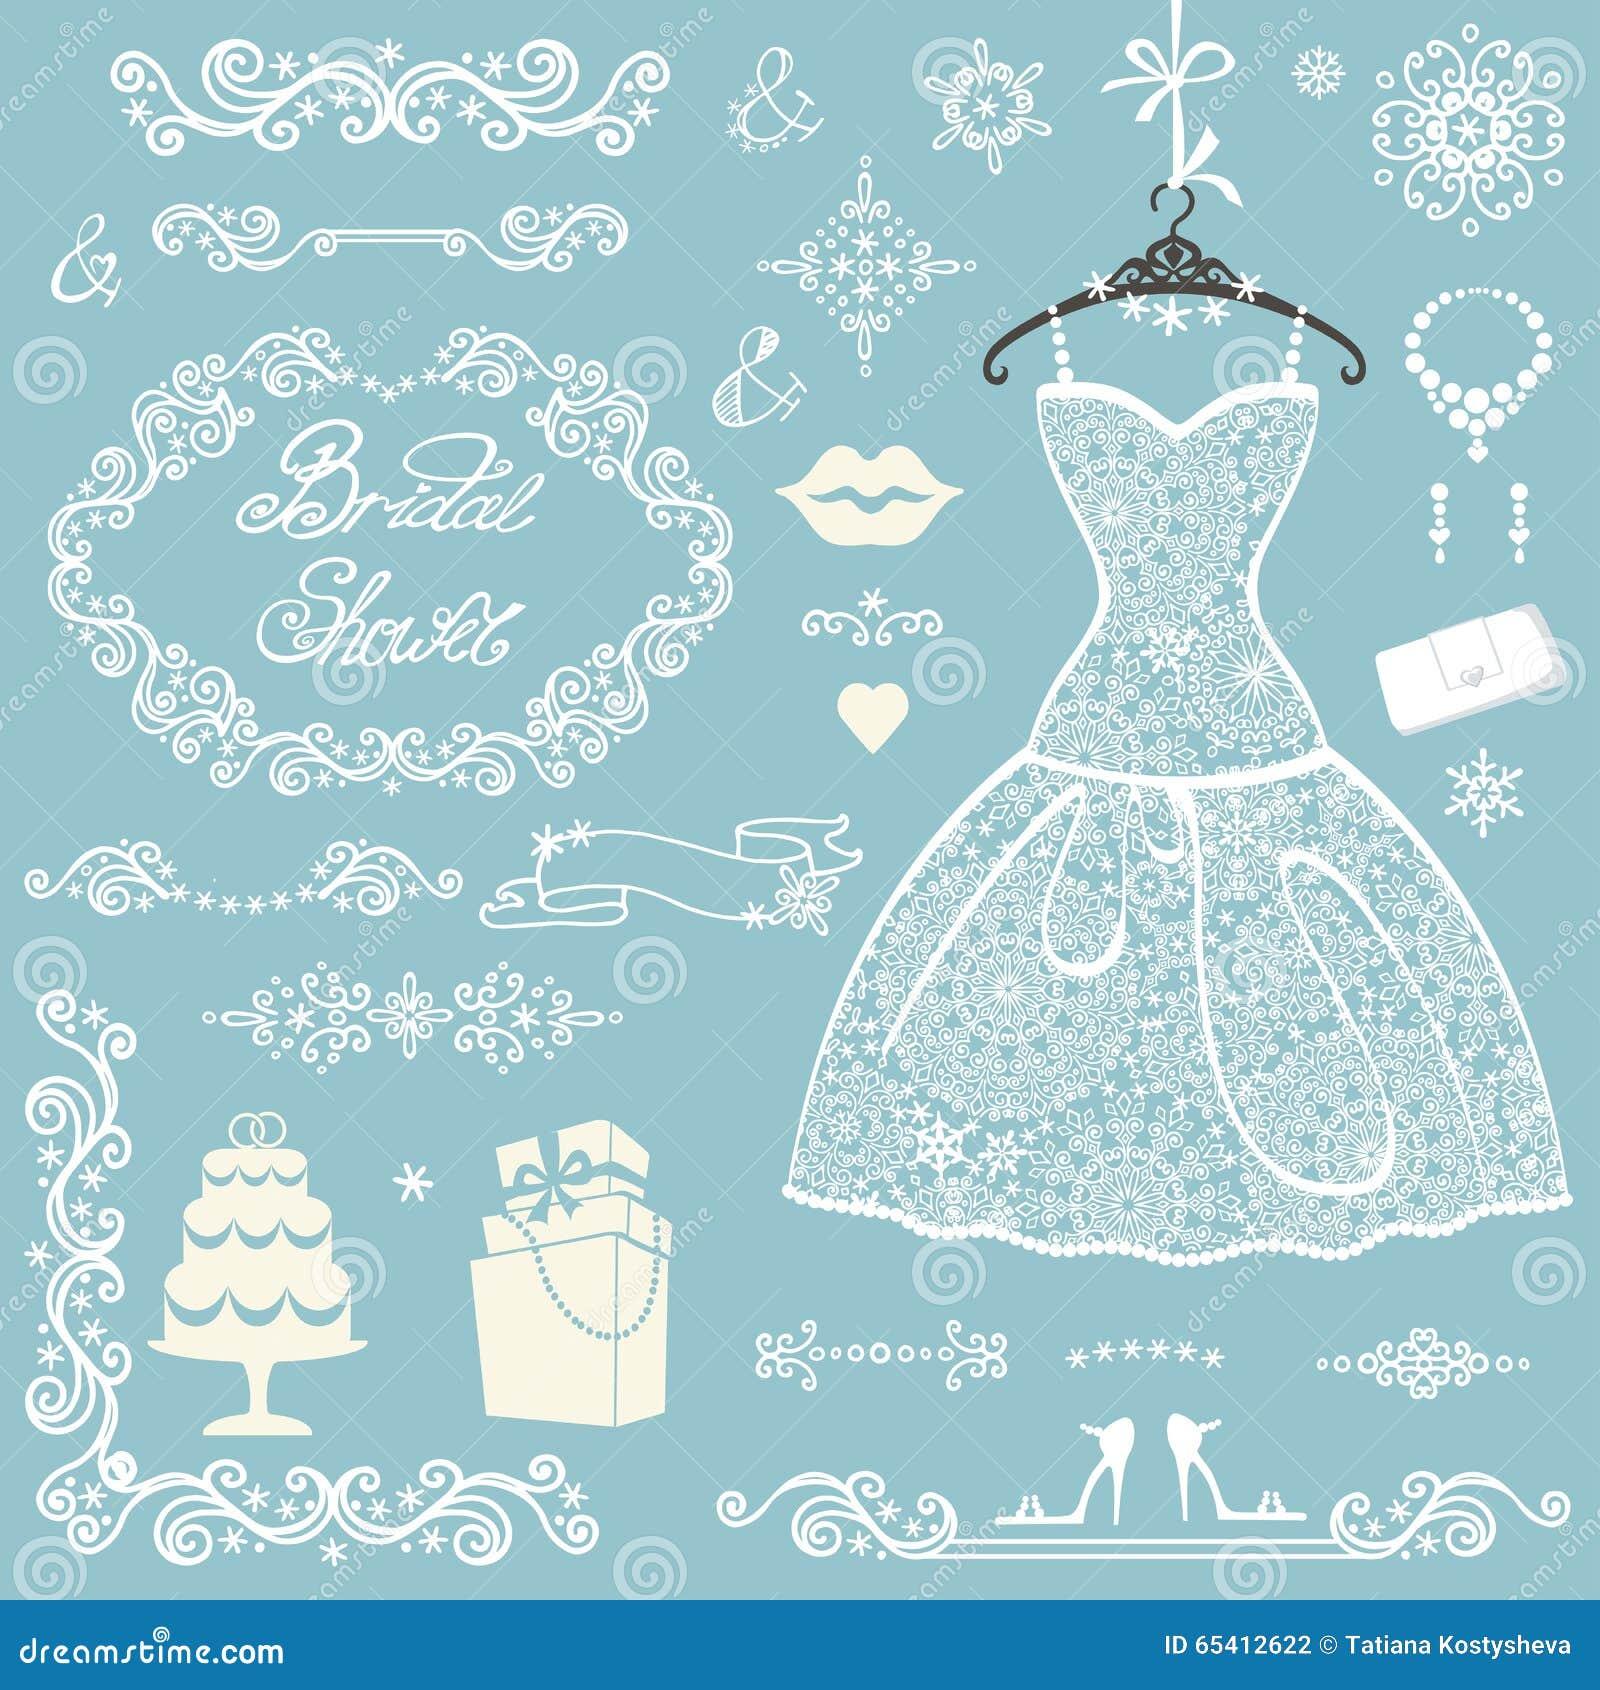 Bridal Shower Decoration Set.Winter Wedding Stock Photo - Image of ...